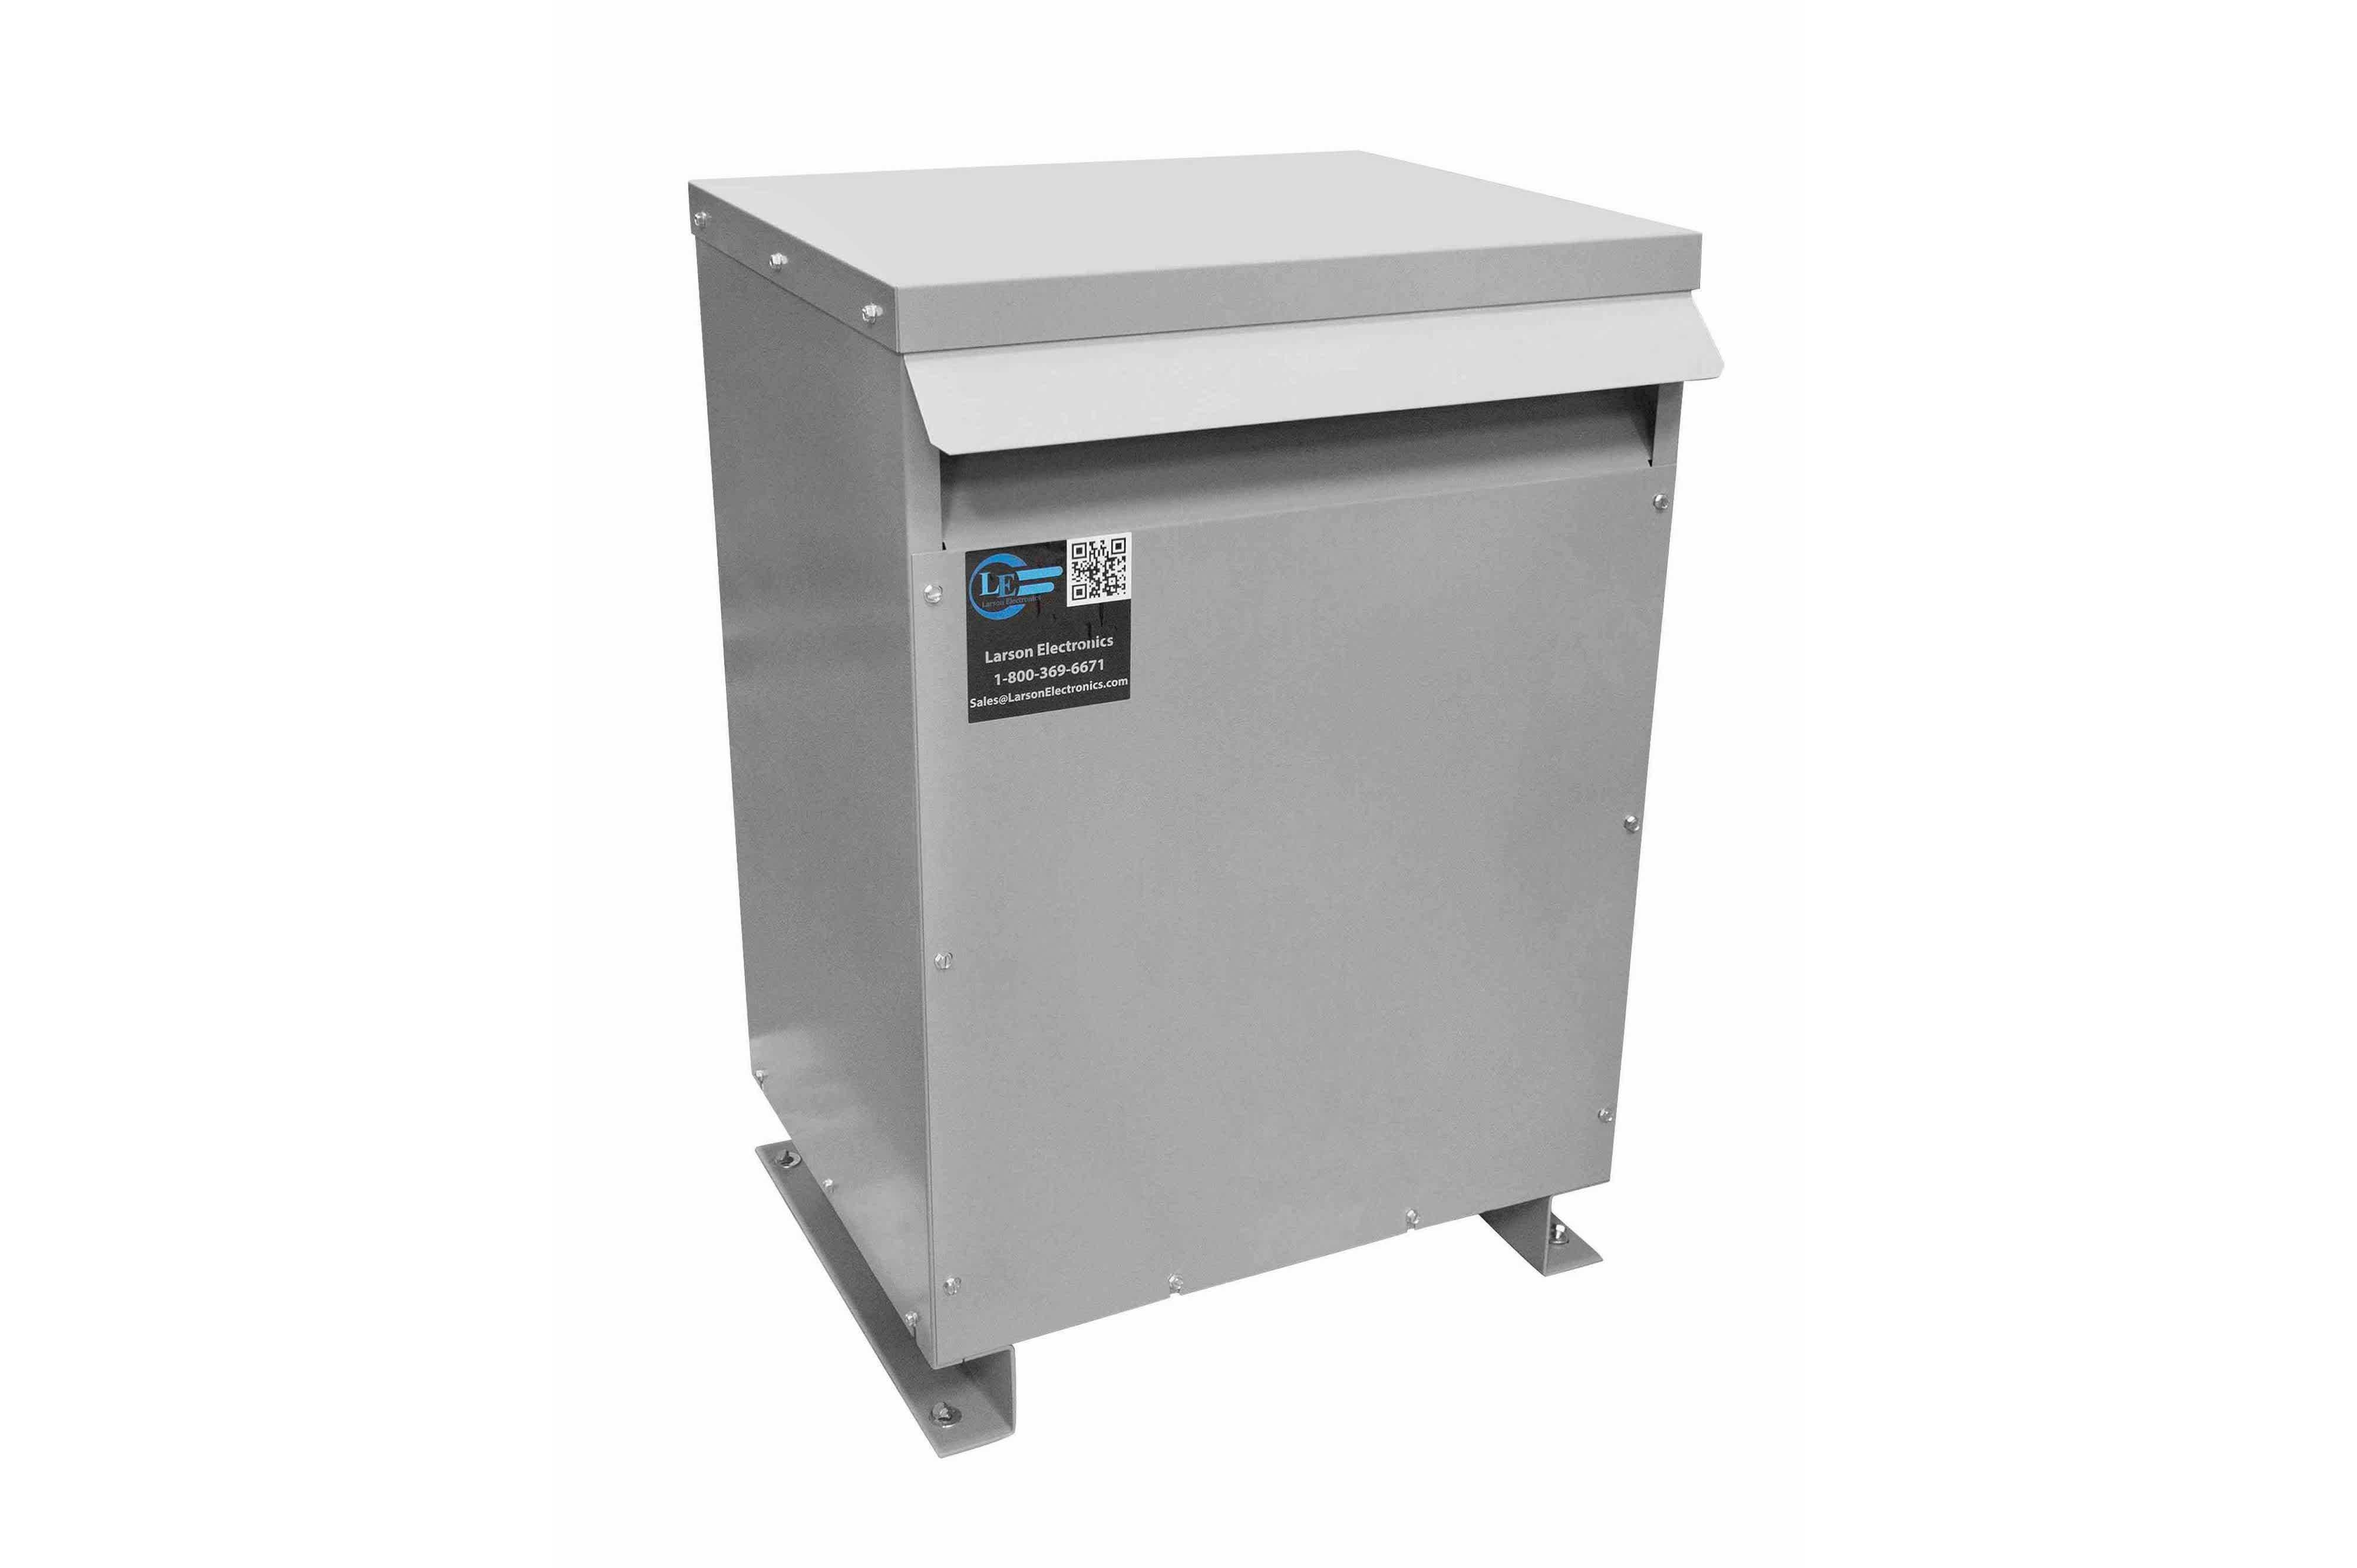 28 kVA 3PH Isolation Transformer, 575V Delta Primary, 415V Delta Secondary, N3R, Ventilated, 60 Hz